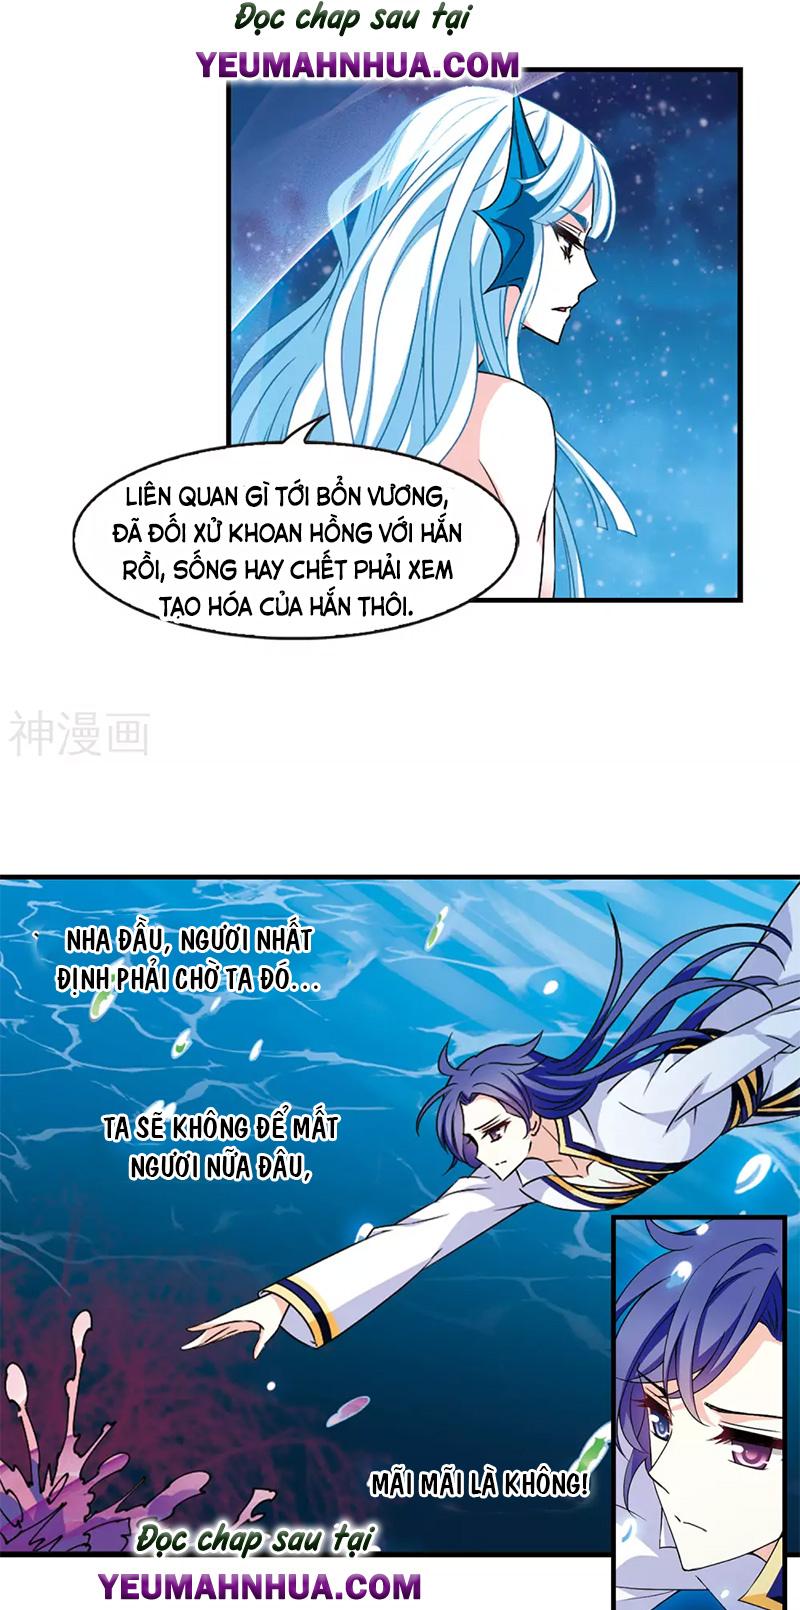 Phong Khởi Thương Lam Chương 493 - Truyentranhaudio.online